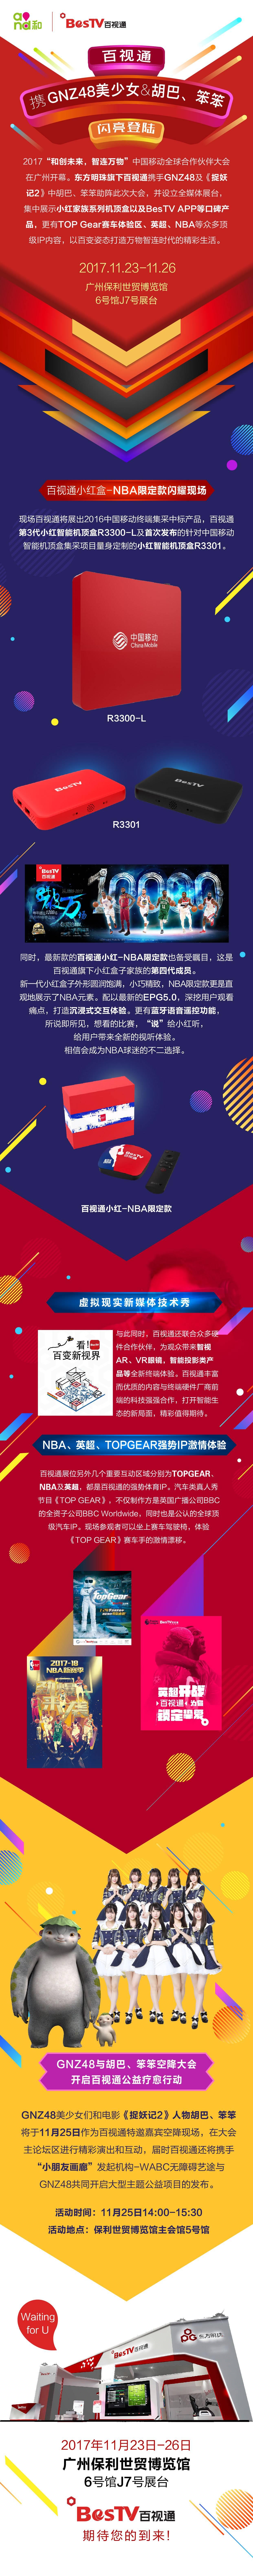 百视通携手GNZ48及胡巴、笨笨登陆中国移动全球合...